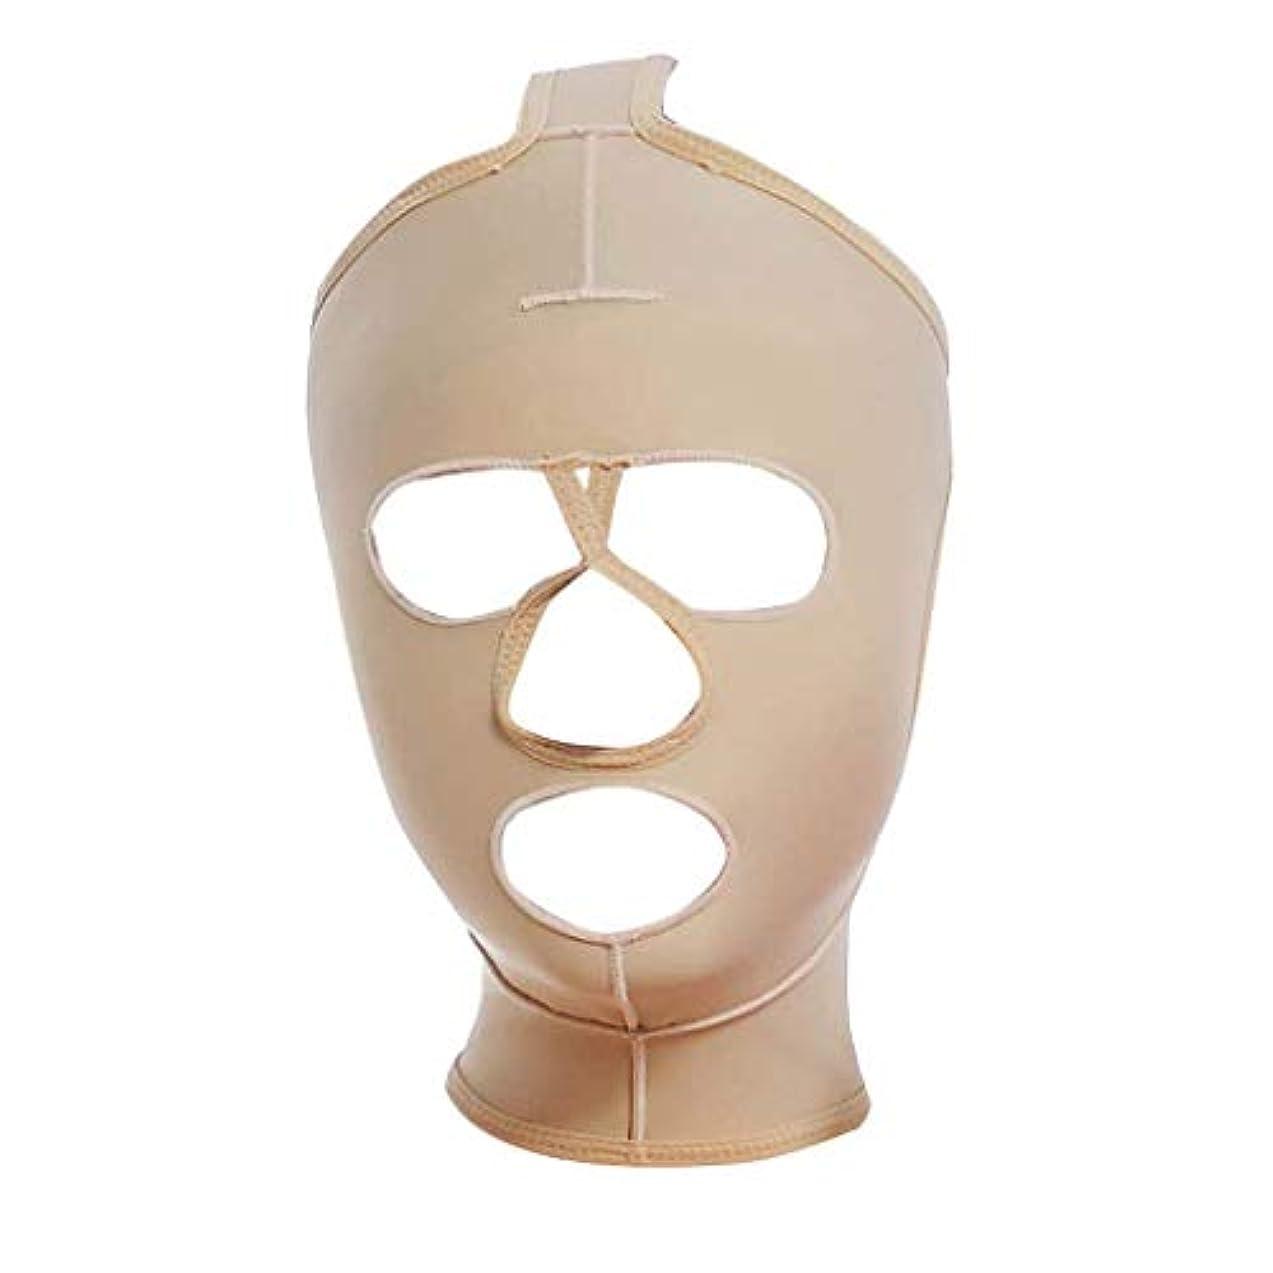 独特のアテンダントクッションフェイス&ネックリフト、減量フェイスマスク脂肪吸引術脂肪吸引術整形マスクフードフェイスリフティングアーティファクトVフェイスビームフェイス弾性スリーブ(サイズ:XXL),XXL